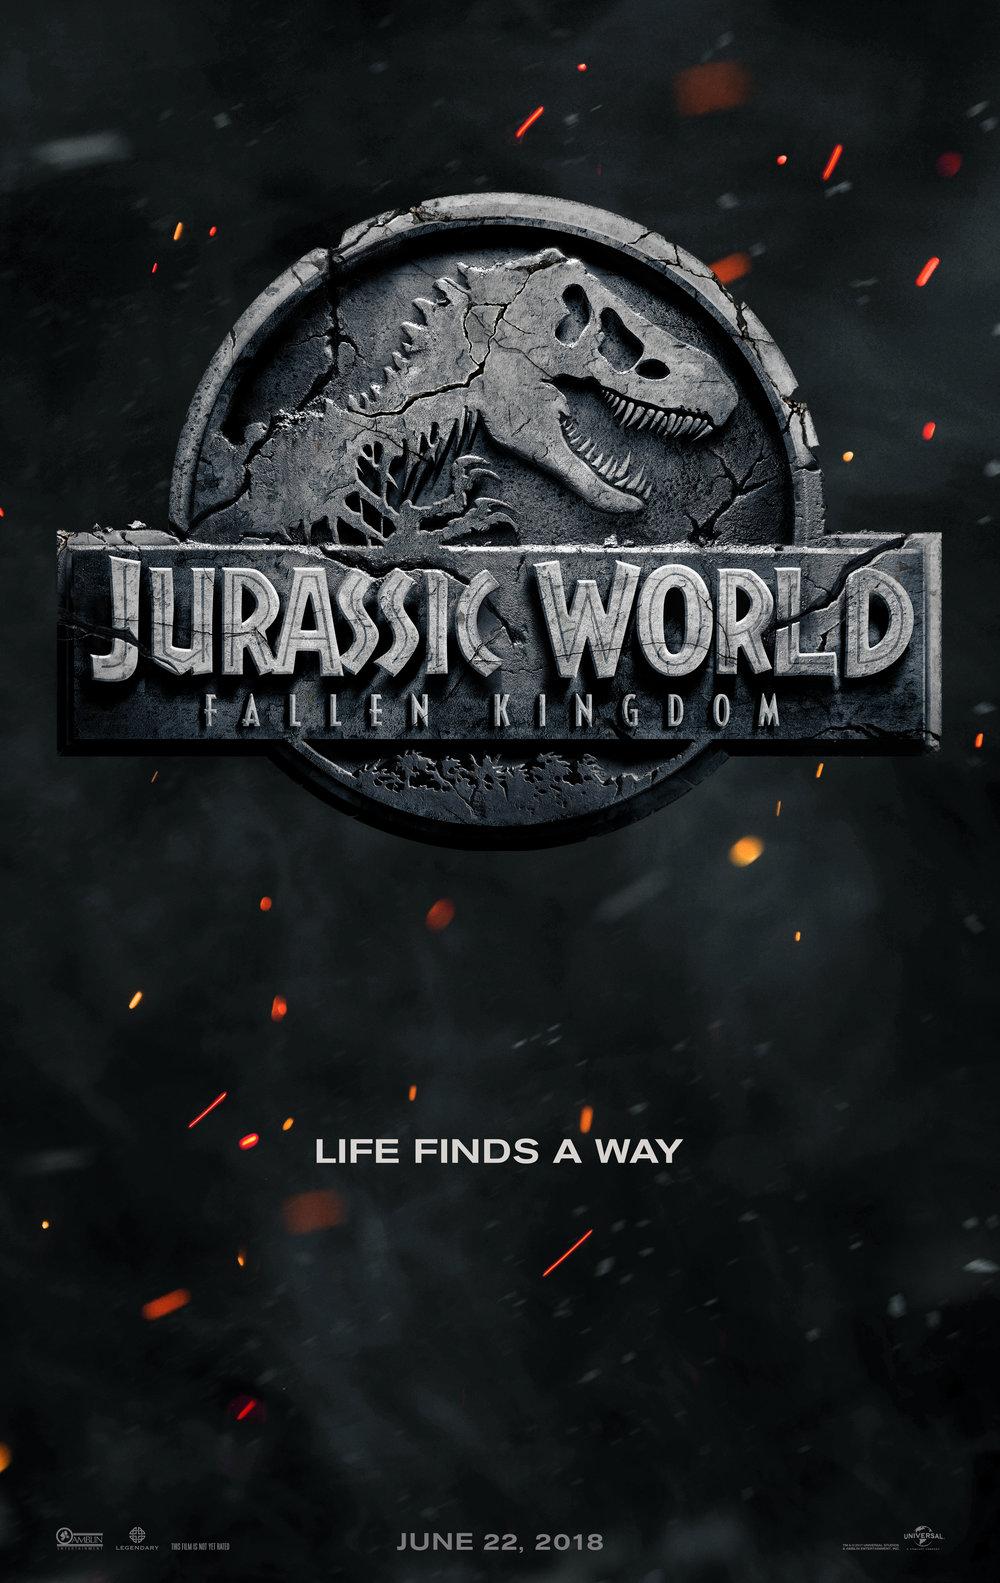 jurassic-world-2-poster.jpg